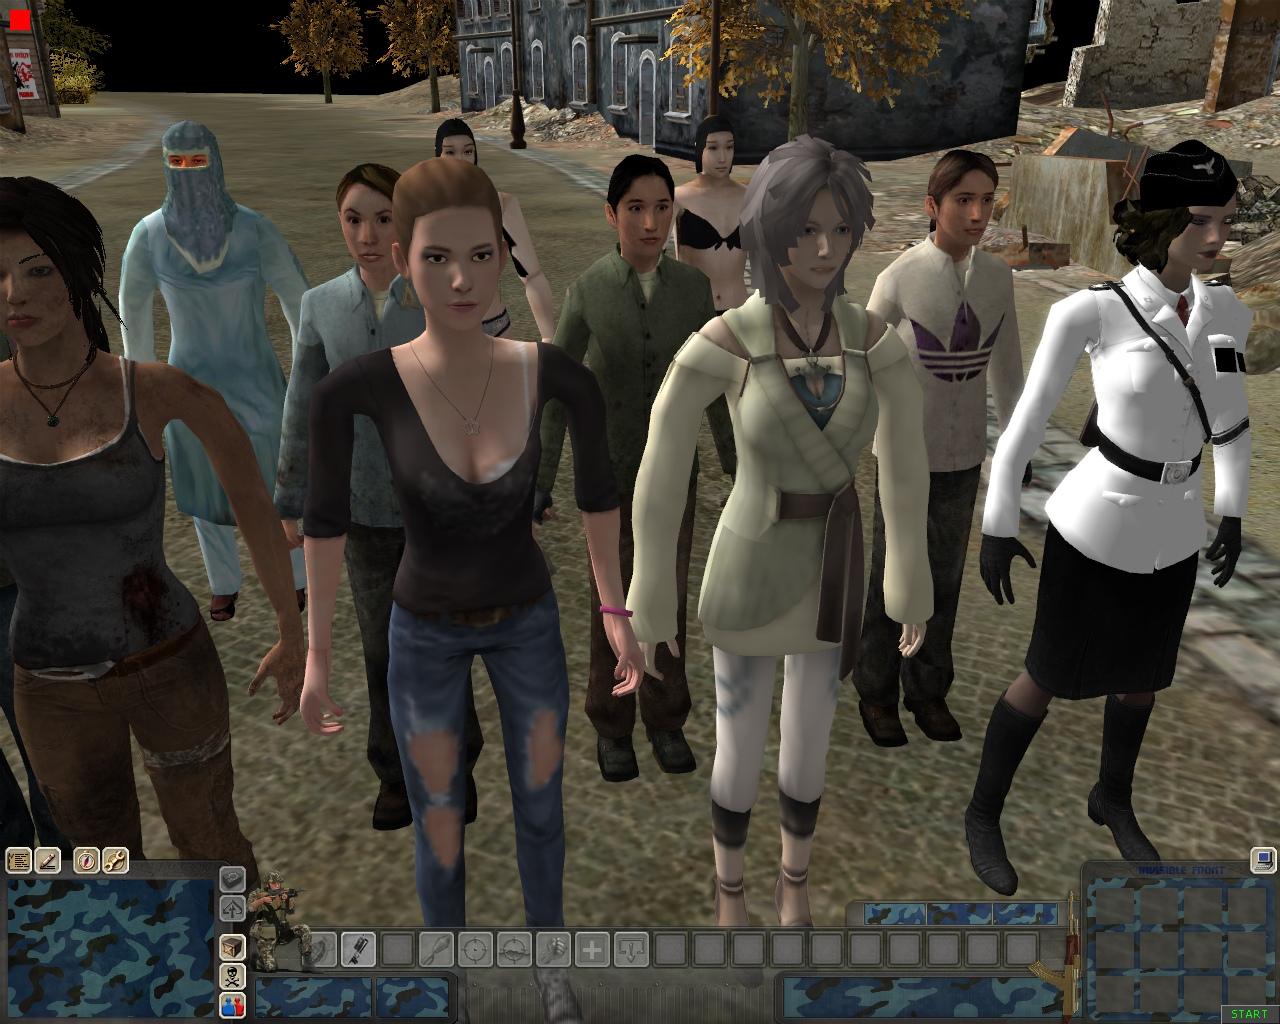 Скачать 3D модель Girls pack 2.0